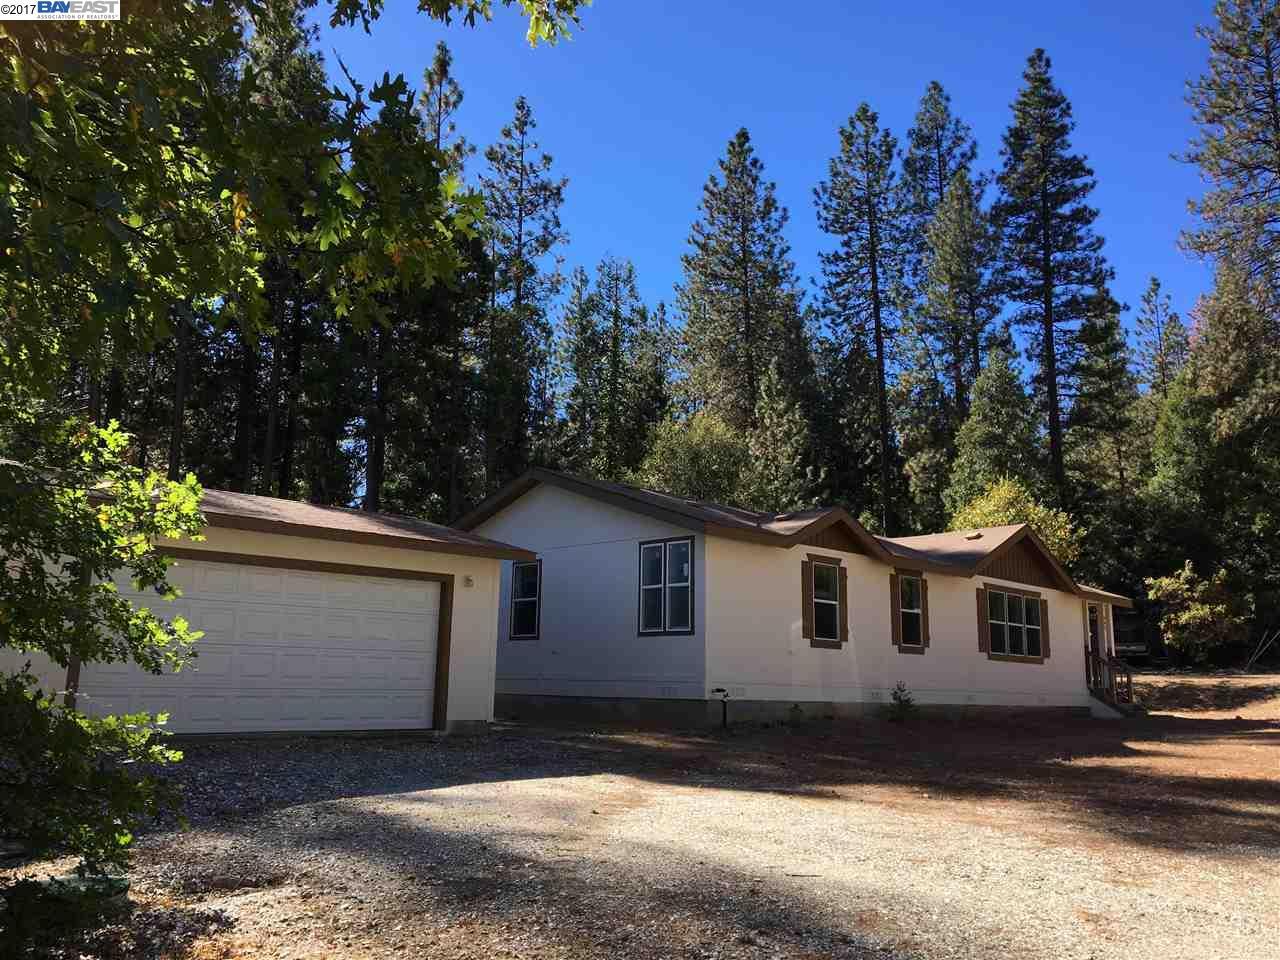 Maison unifamiliale pour l Vente à 447 Grey Mare Road 447 Grey Mare Road Avery, Californie 95224 États-Unis